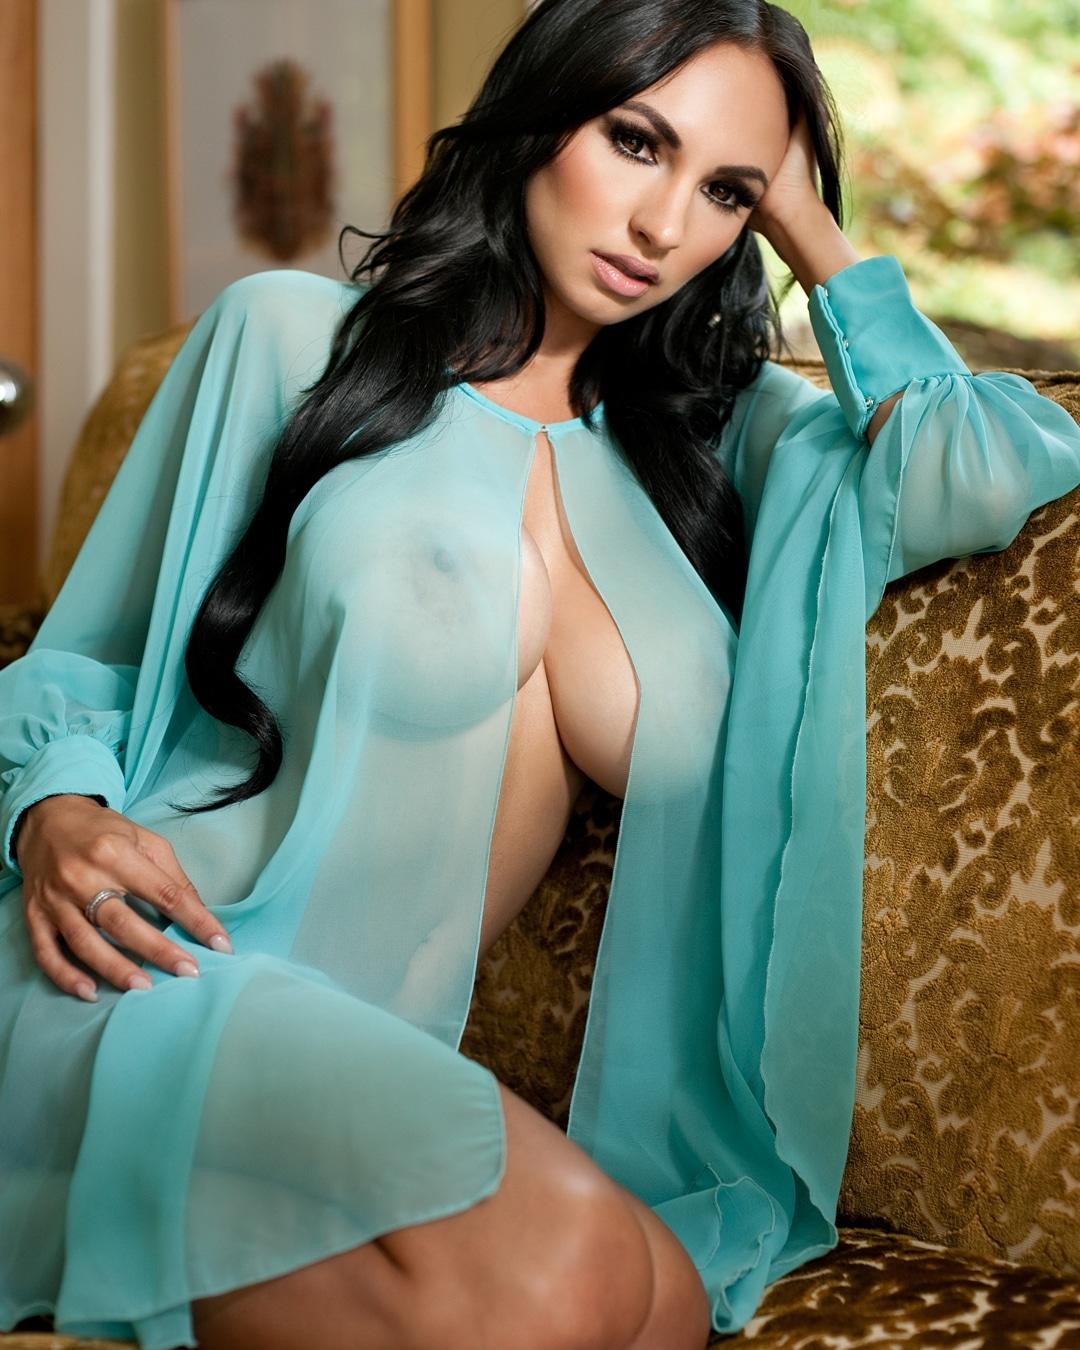 Iryna Ivanova Nude Pics